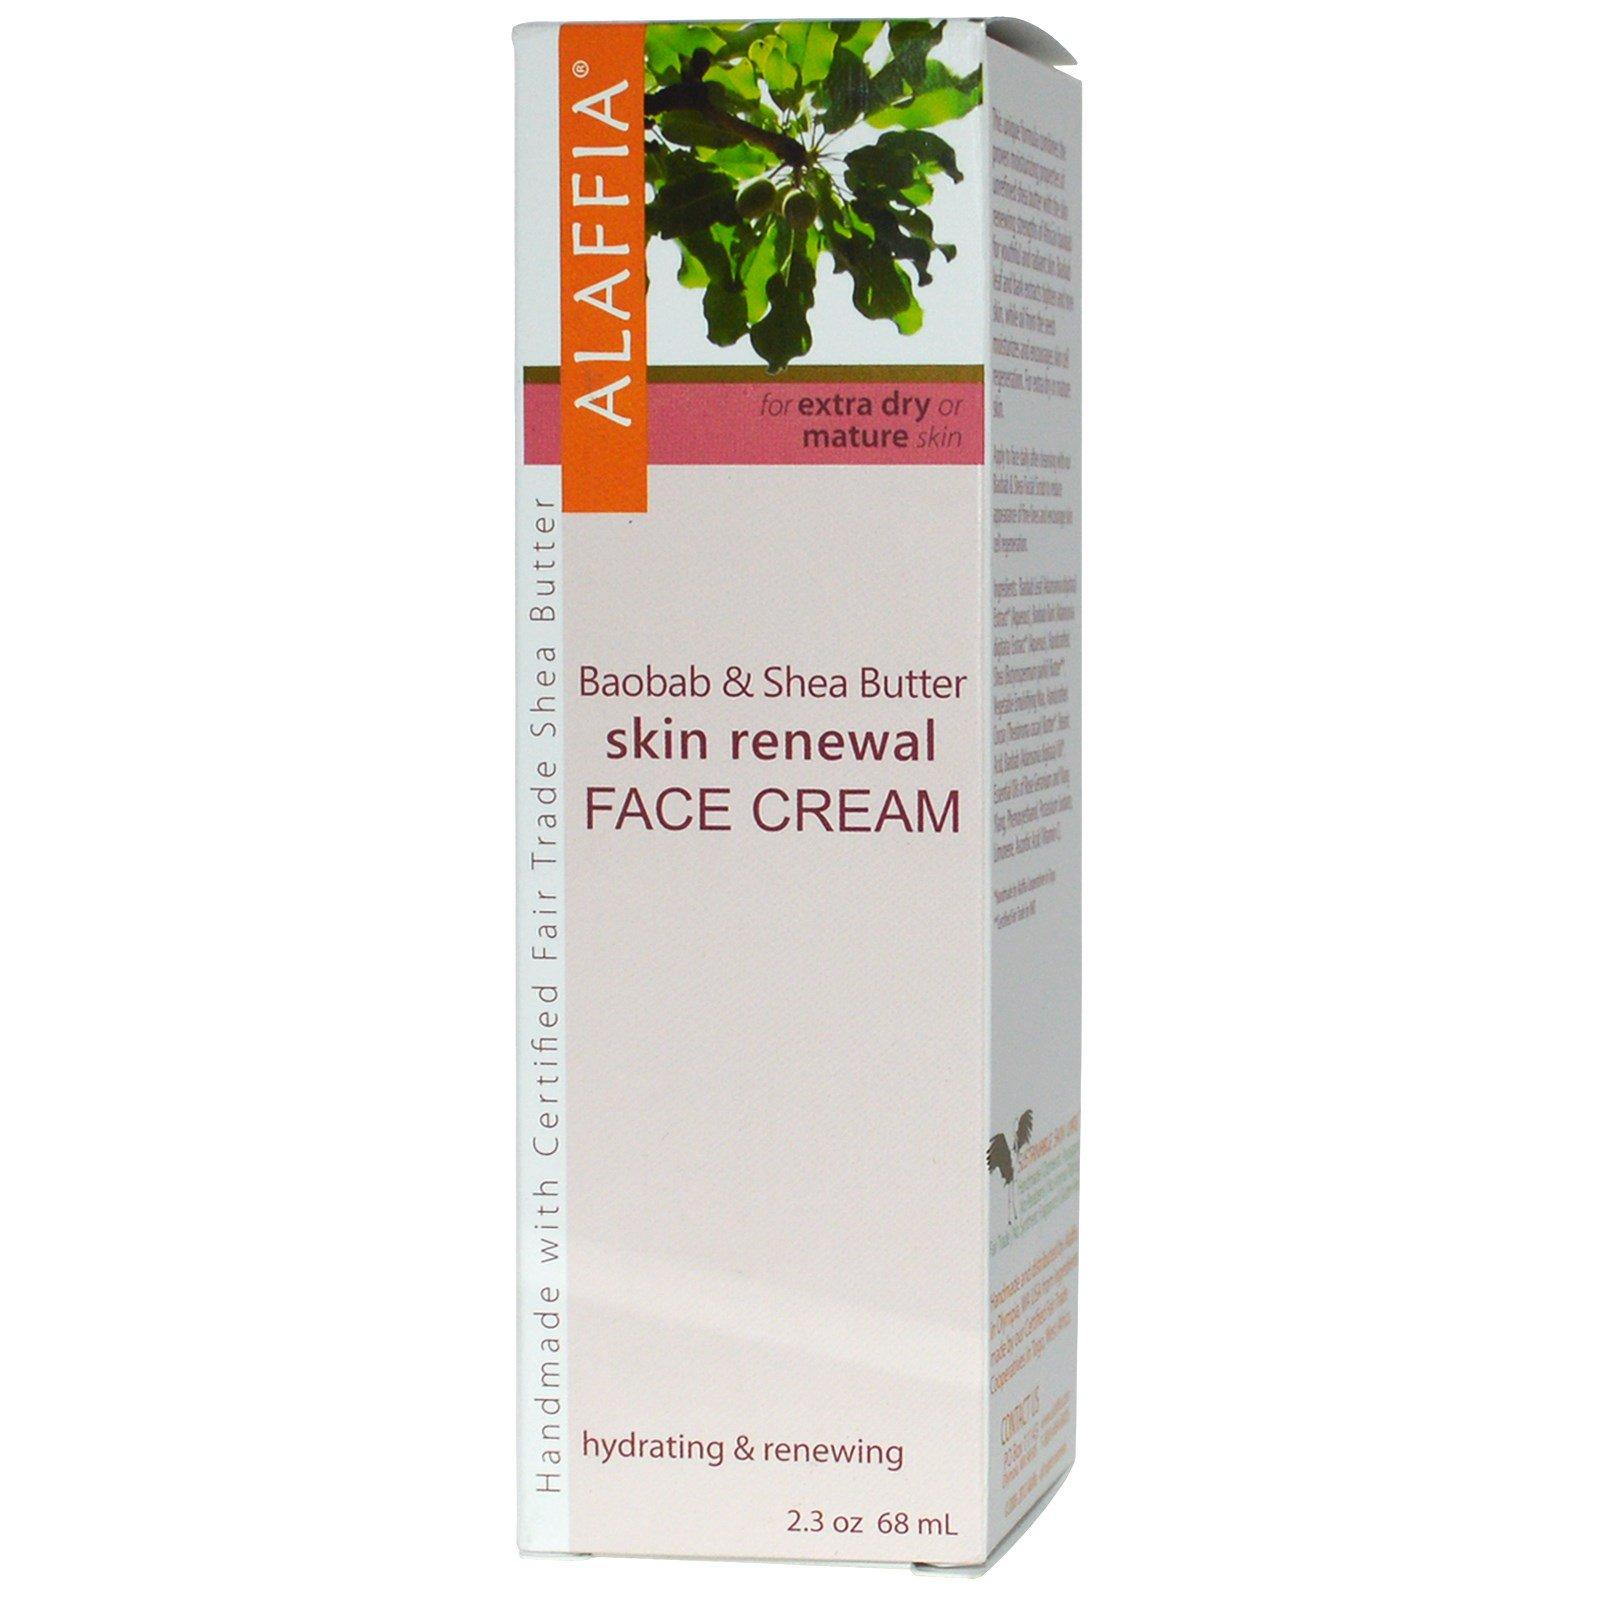 Alaffia Skin Renewal Face Cream - Baobab & Shea - 2.3 oz Cosmetic Skin Care Beauty Tool Face Facial Mask Brush